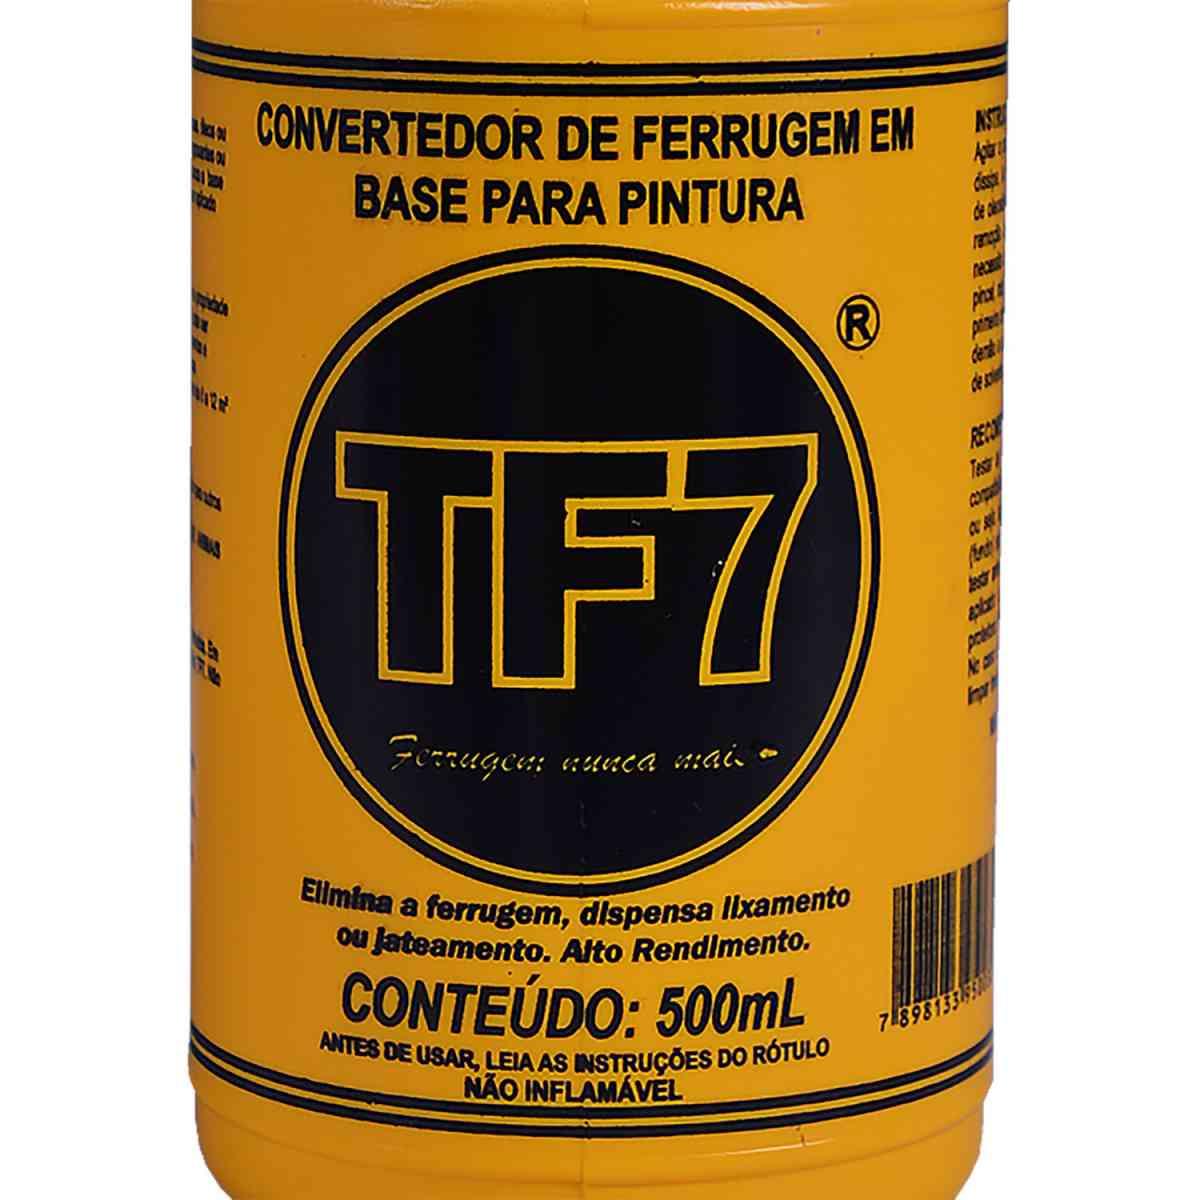 Convertedor de Ferrugem CF-TF7 500 ml TF7